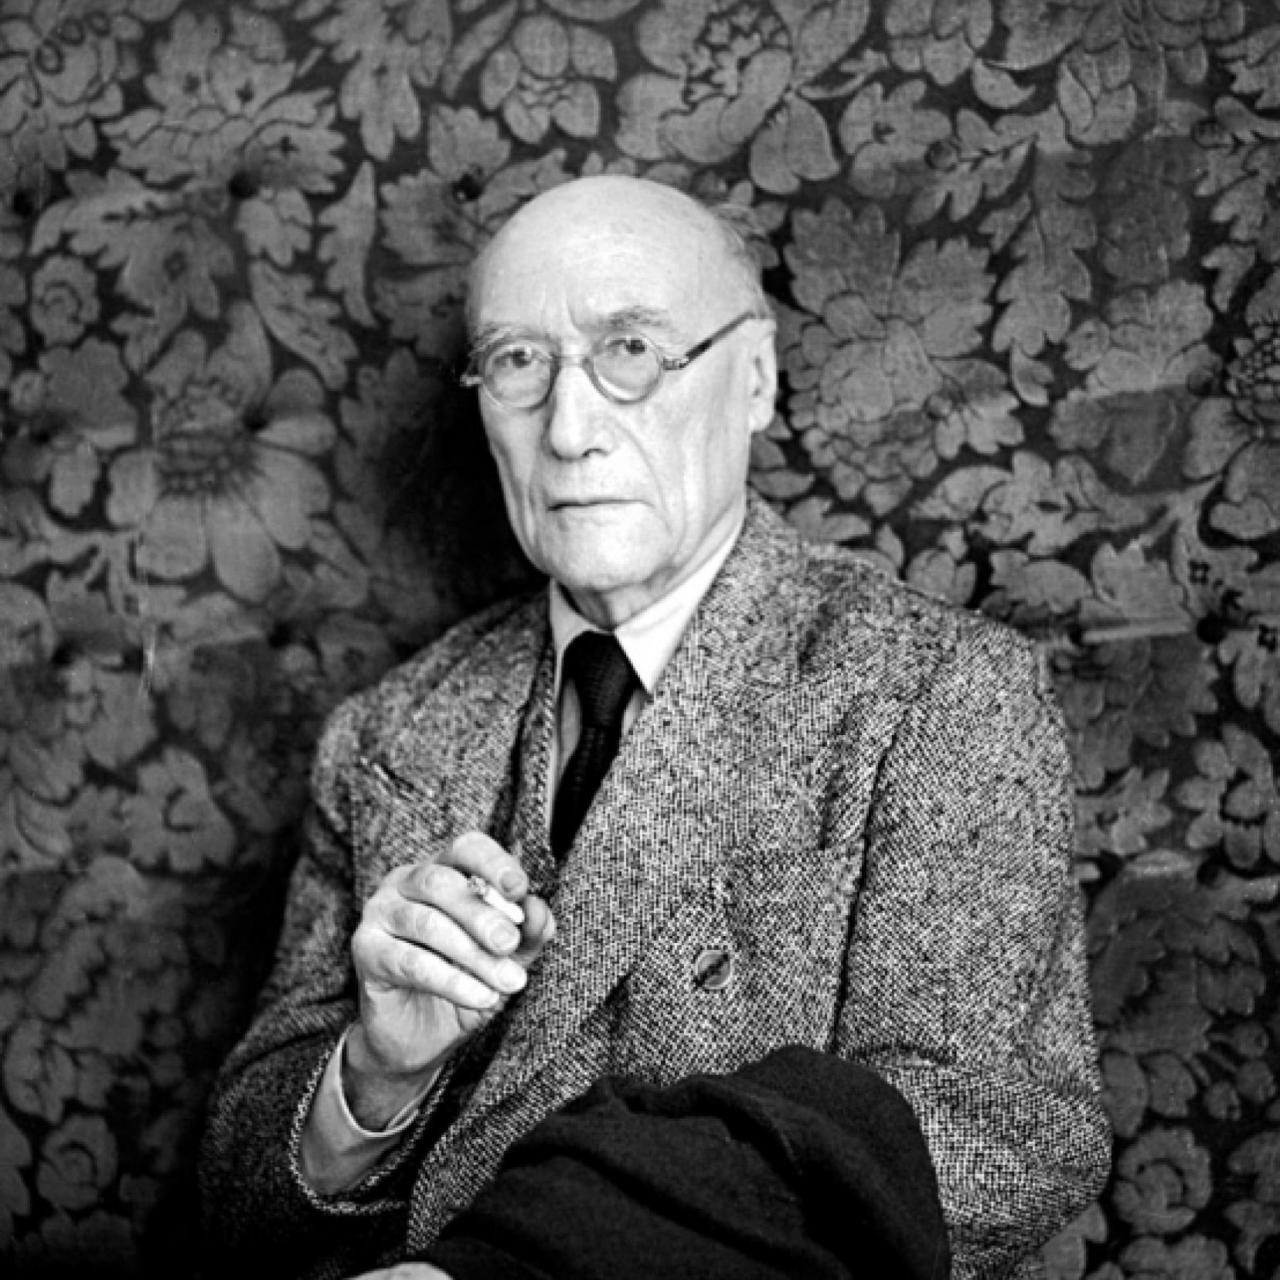 پل گیوم آندره ژید نویسنده نامدار فرانسوی